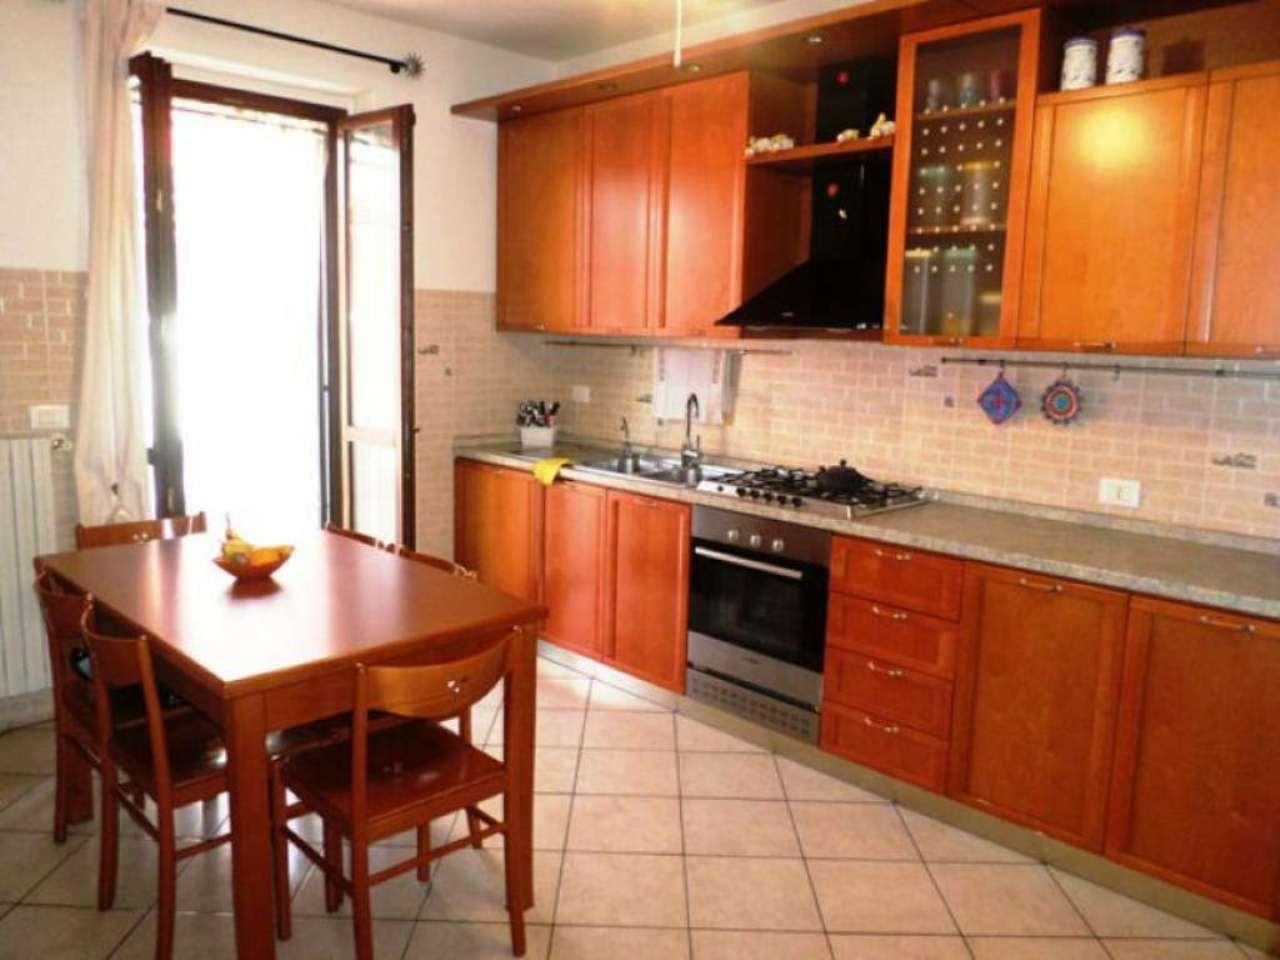 Villa in vendita a Chieve, 5 locali, prezzo € 240.000 | Cambio Casa.it